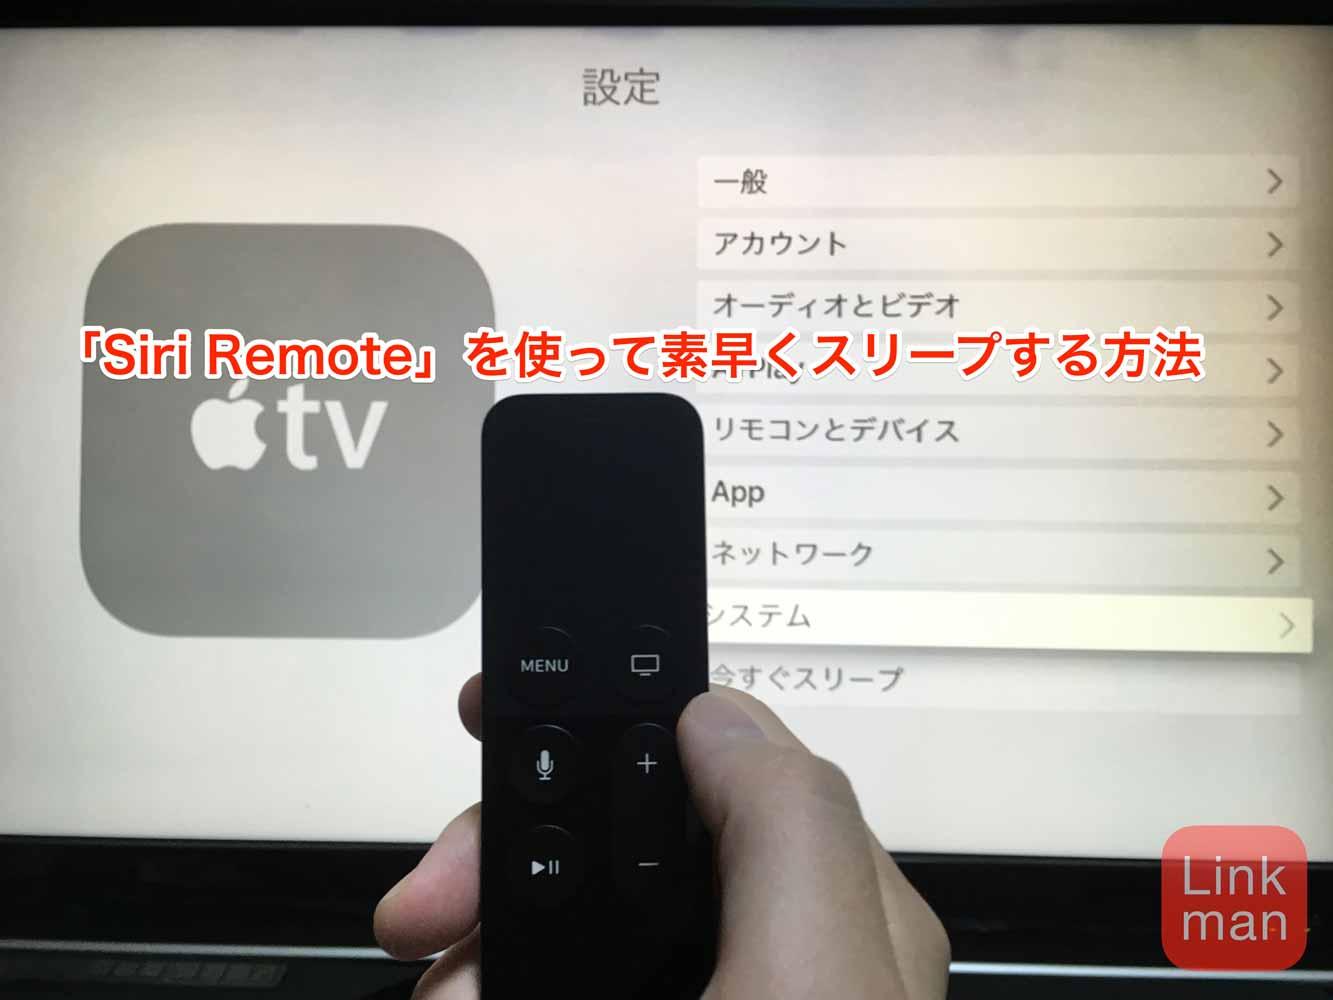 「Apple TV(第4世代)」で「Siri Remote」を使って素早くスリープする方法